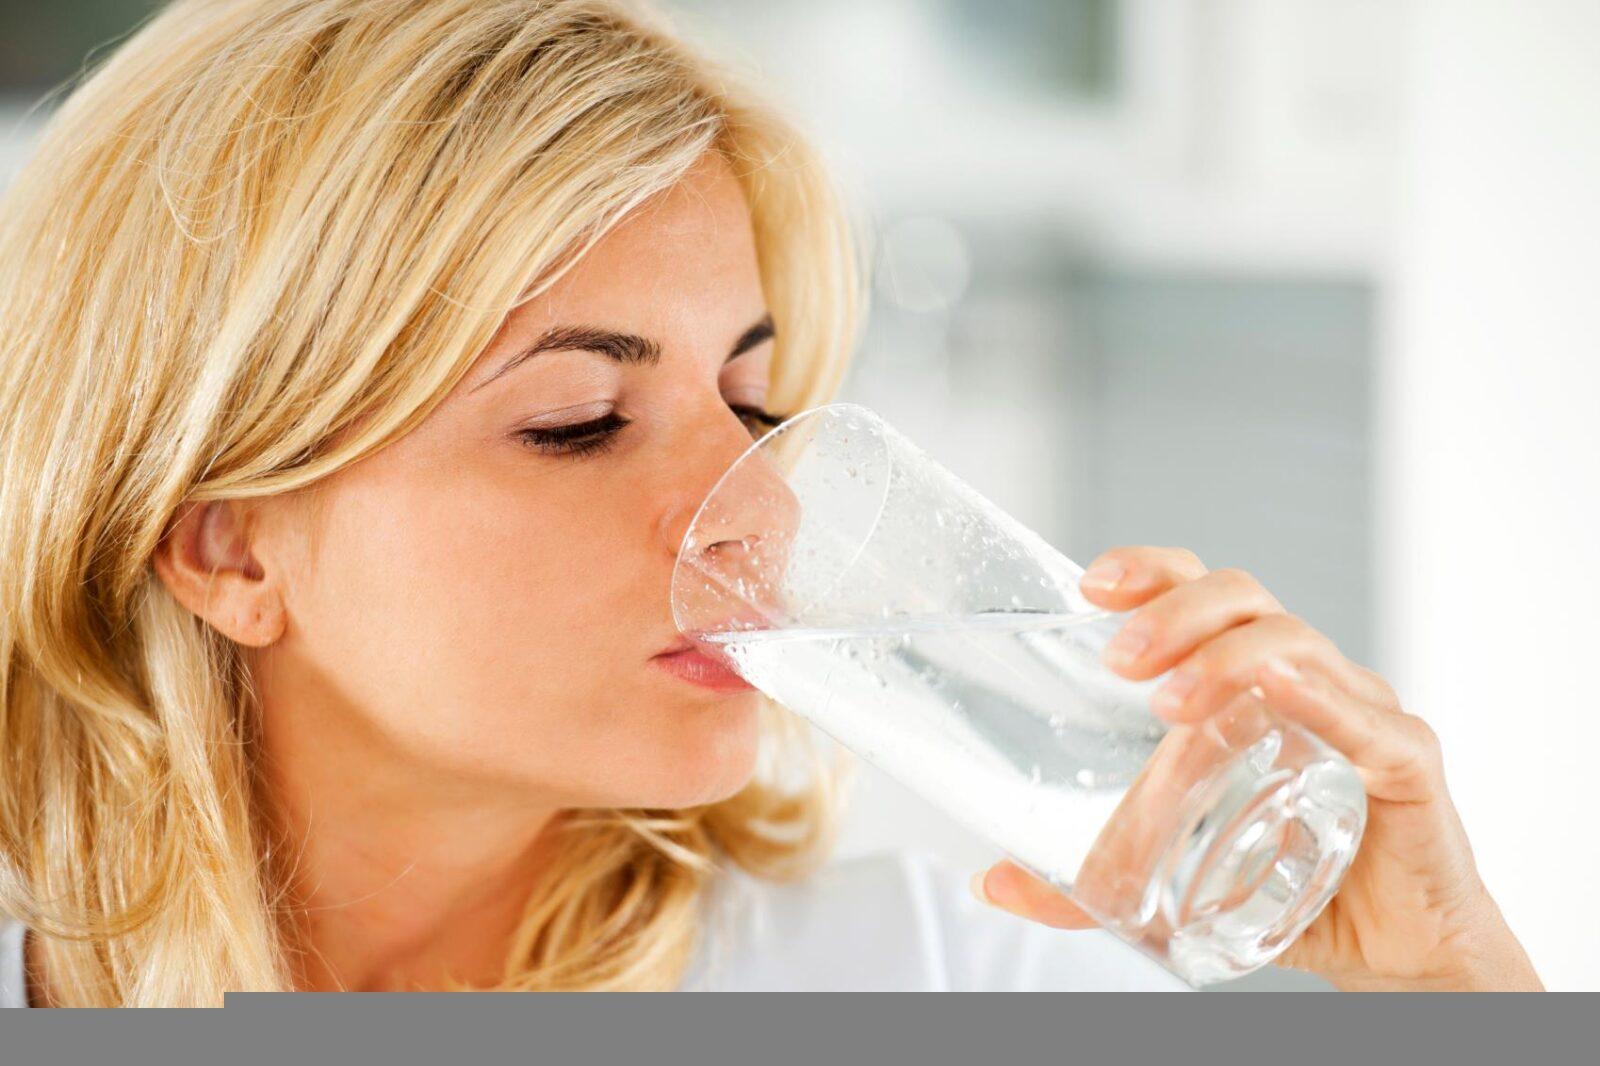 Стакан теплой воды на пустой желудок — и ваш организм скажет «cпасибо»